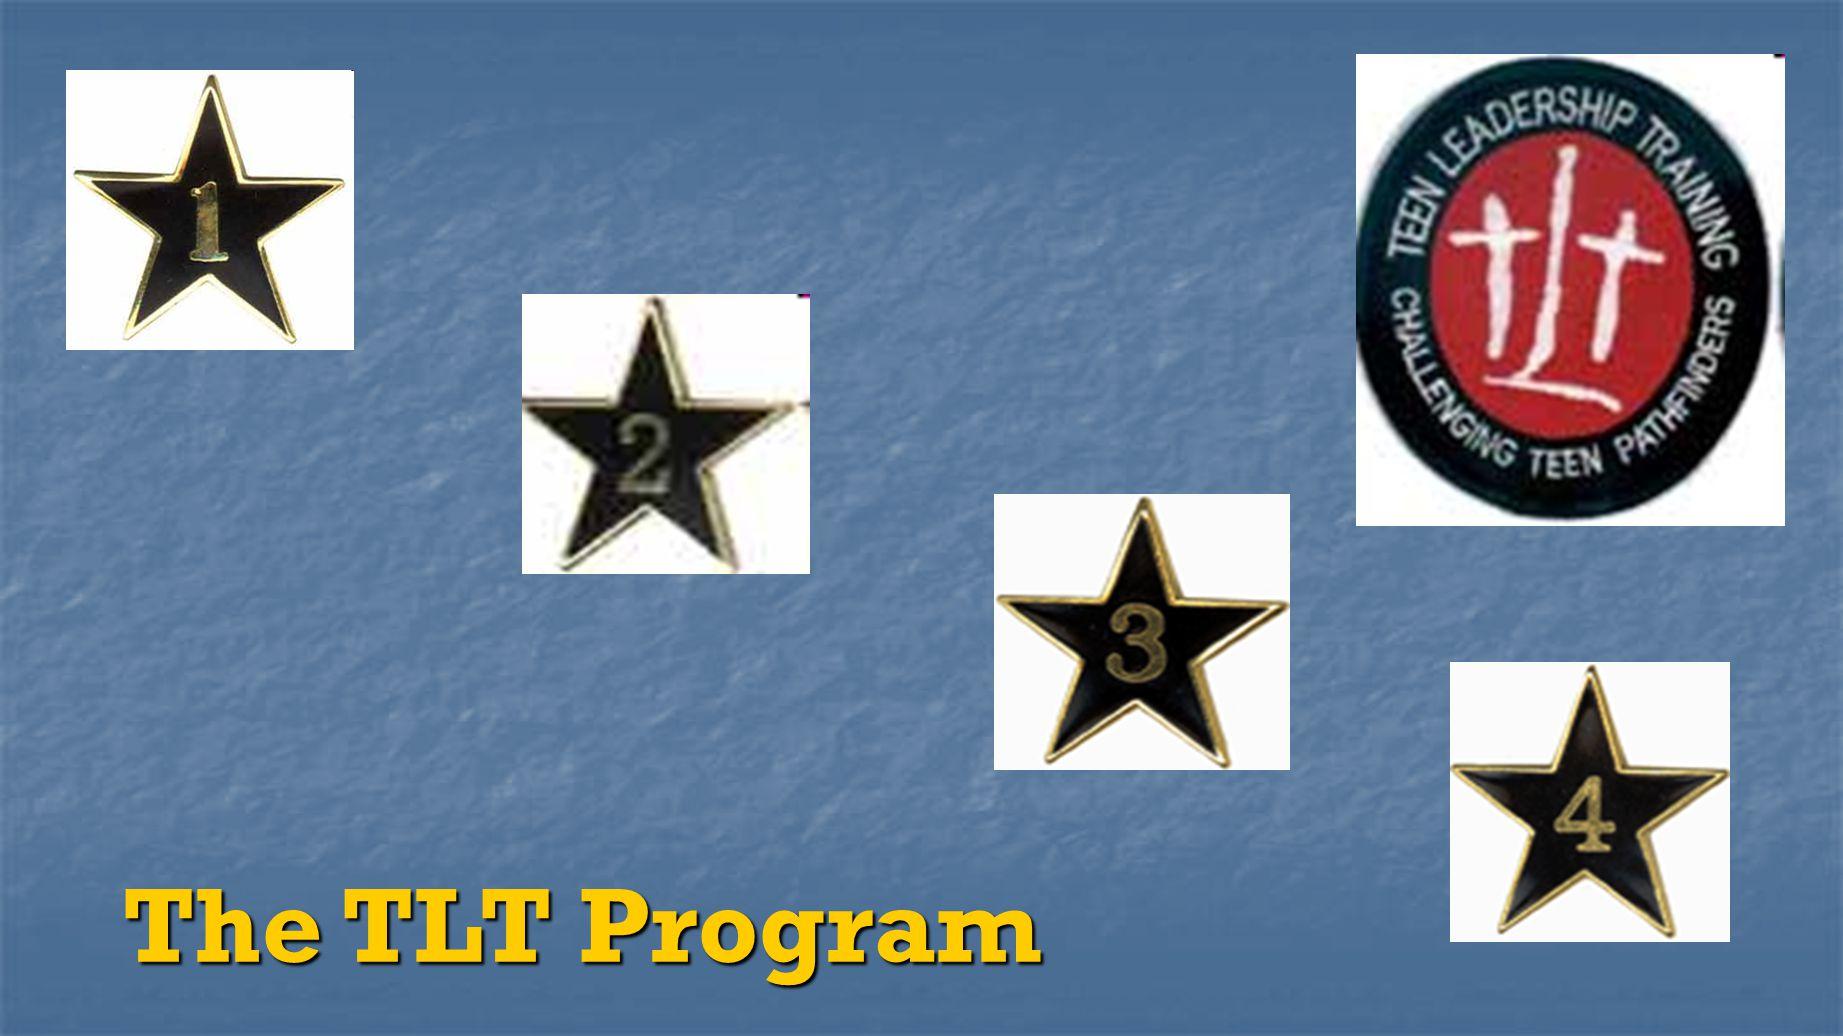 The TLT Program